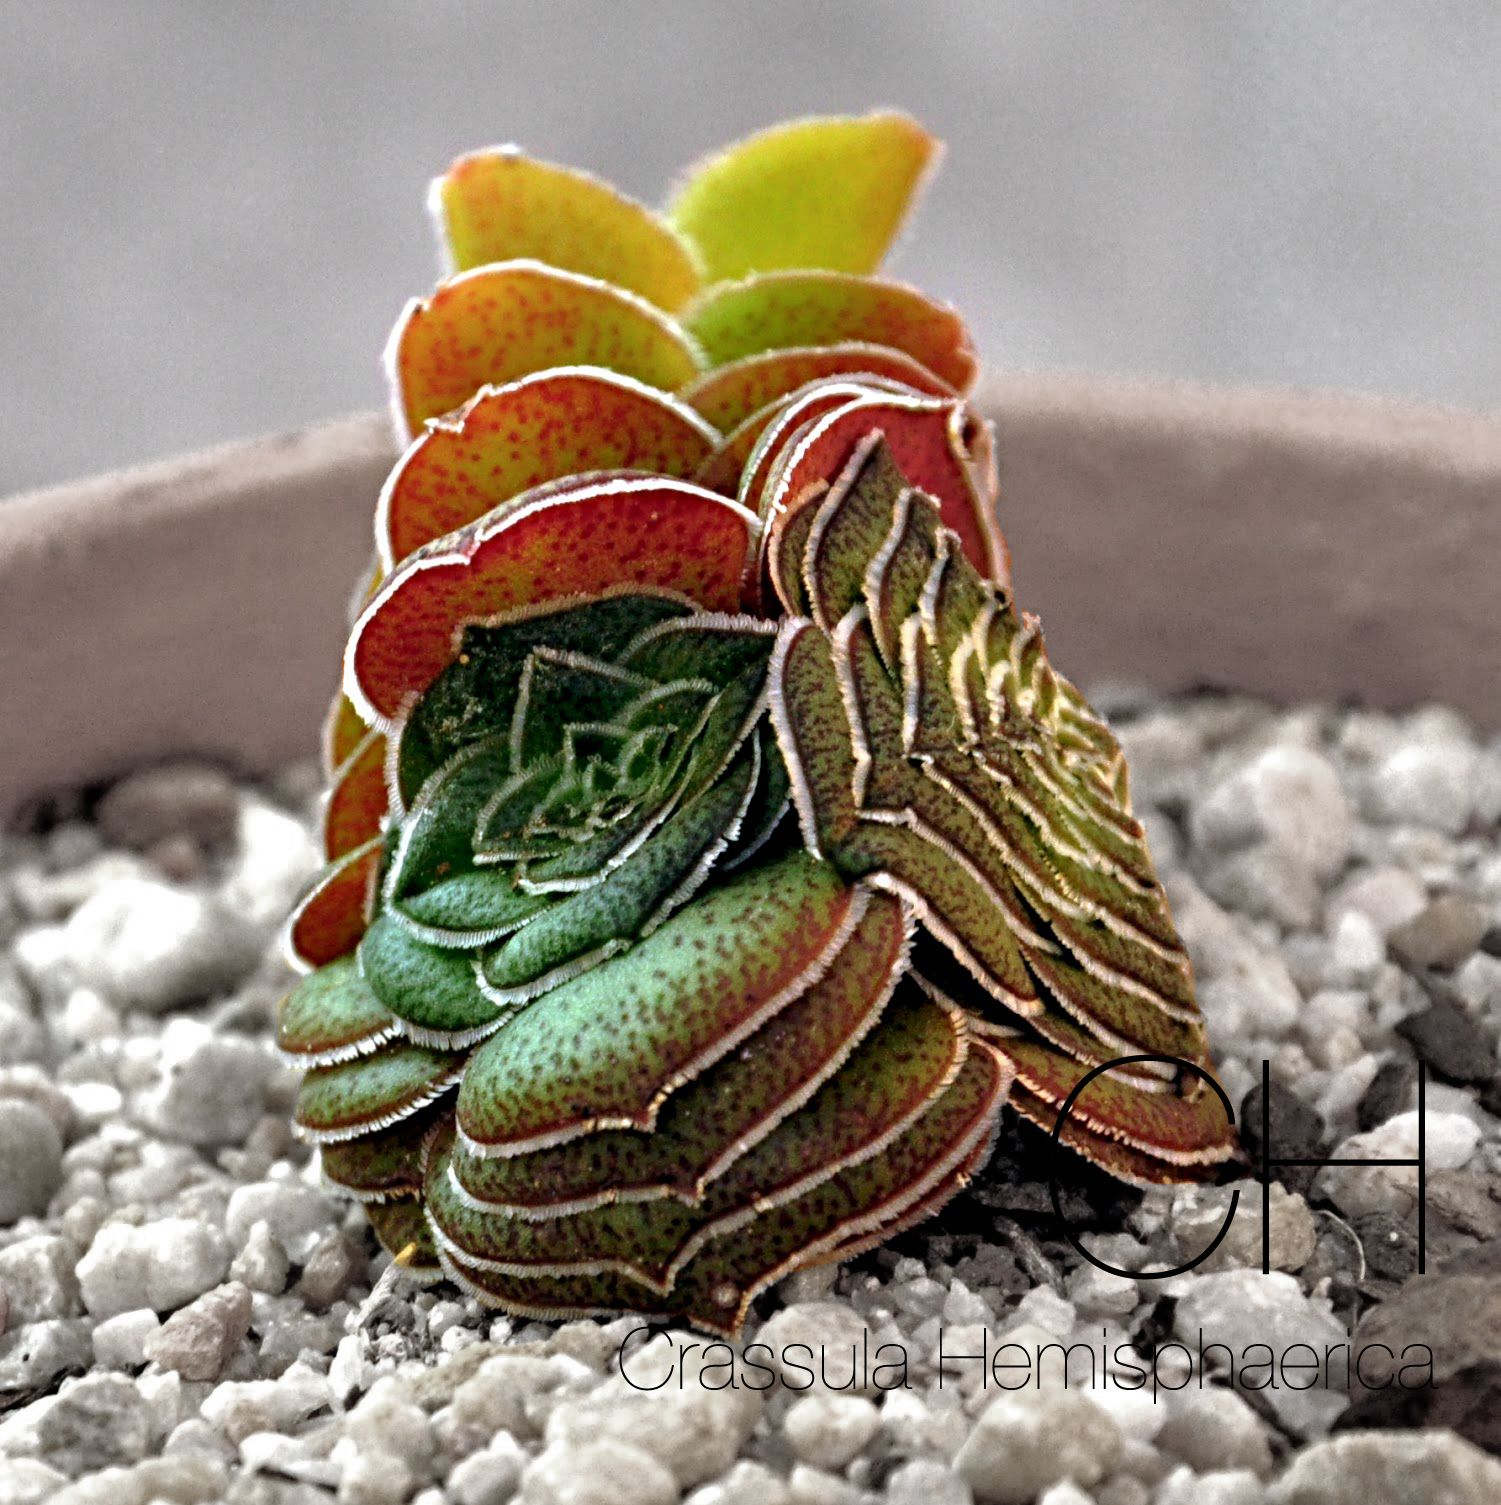 Crassula Hemisphaerica